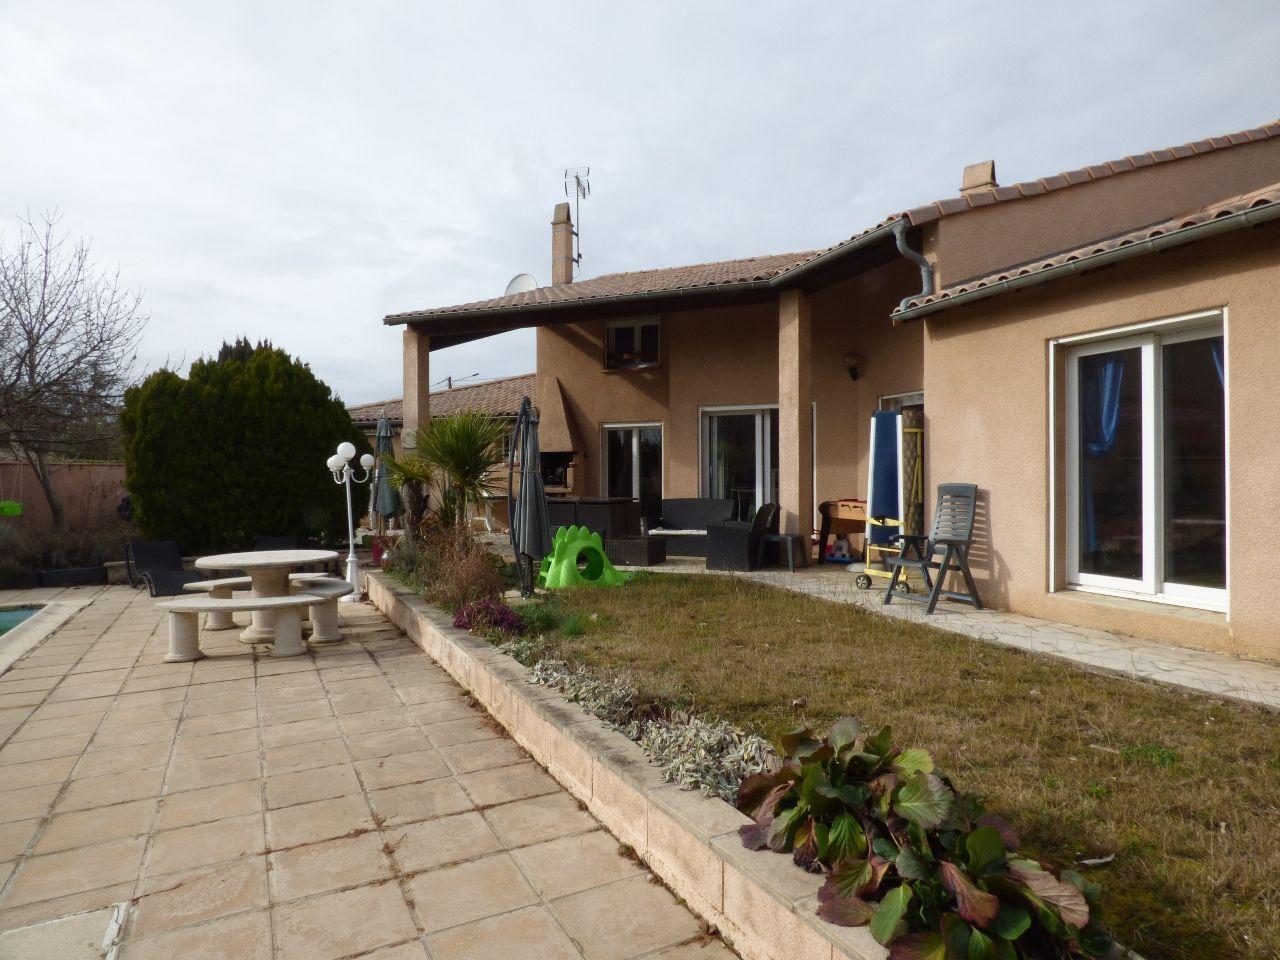 A vendre toulouse belle maison d 39 architecte avec piscine for Architecte maison toulouse